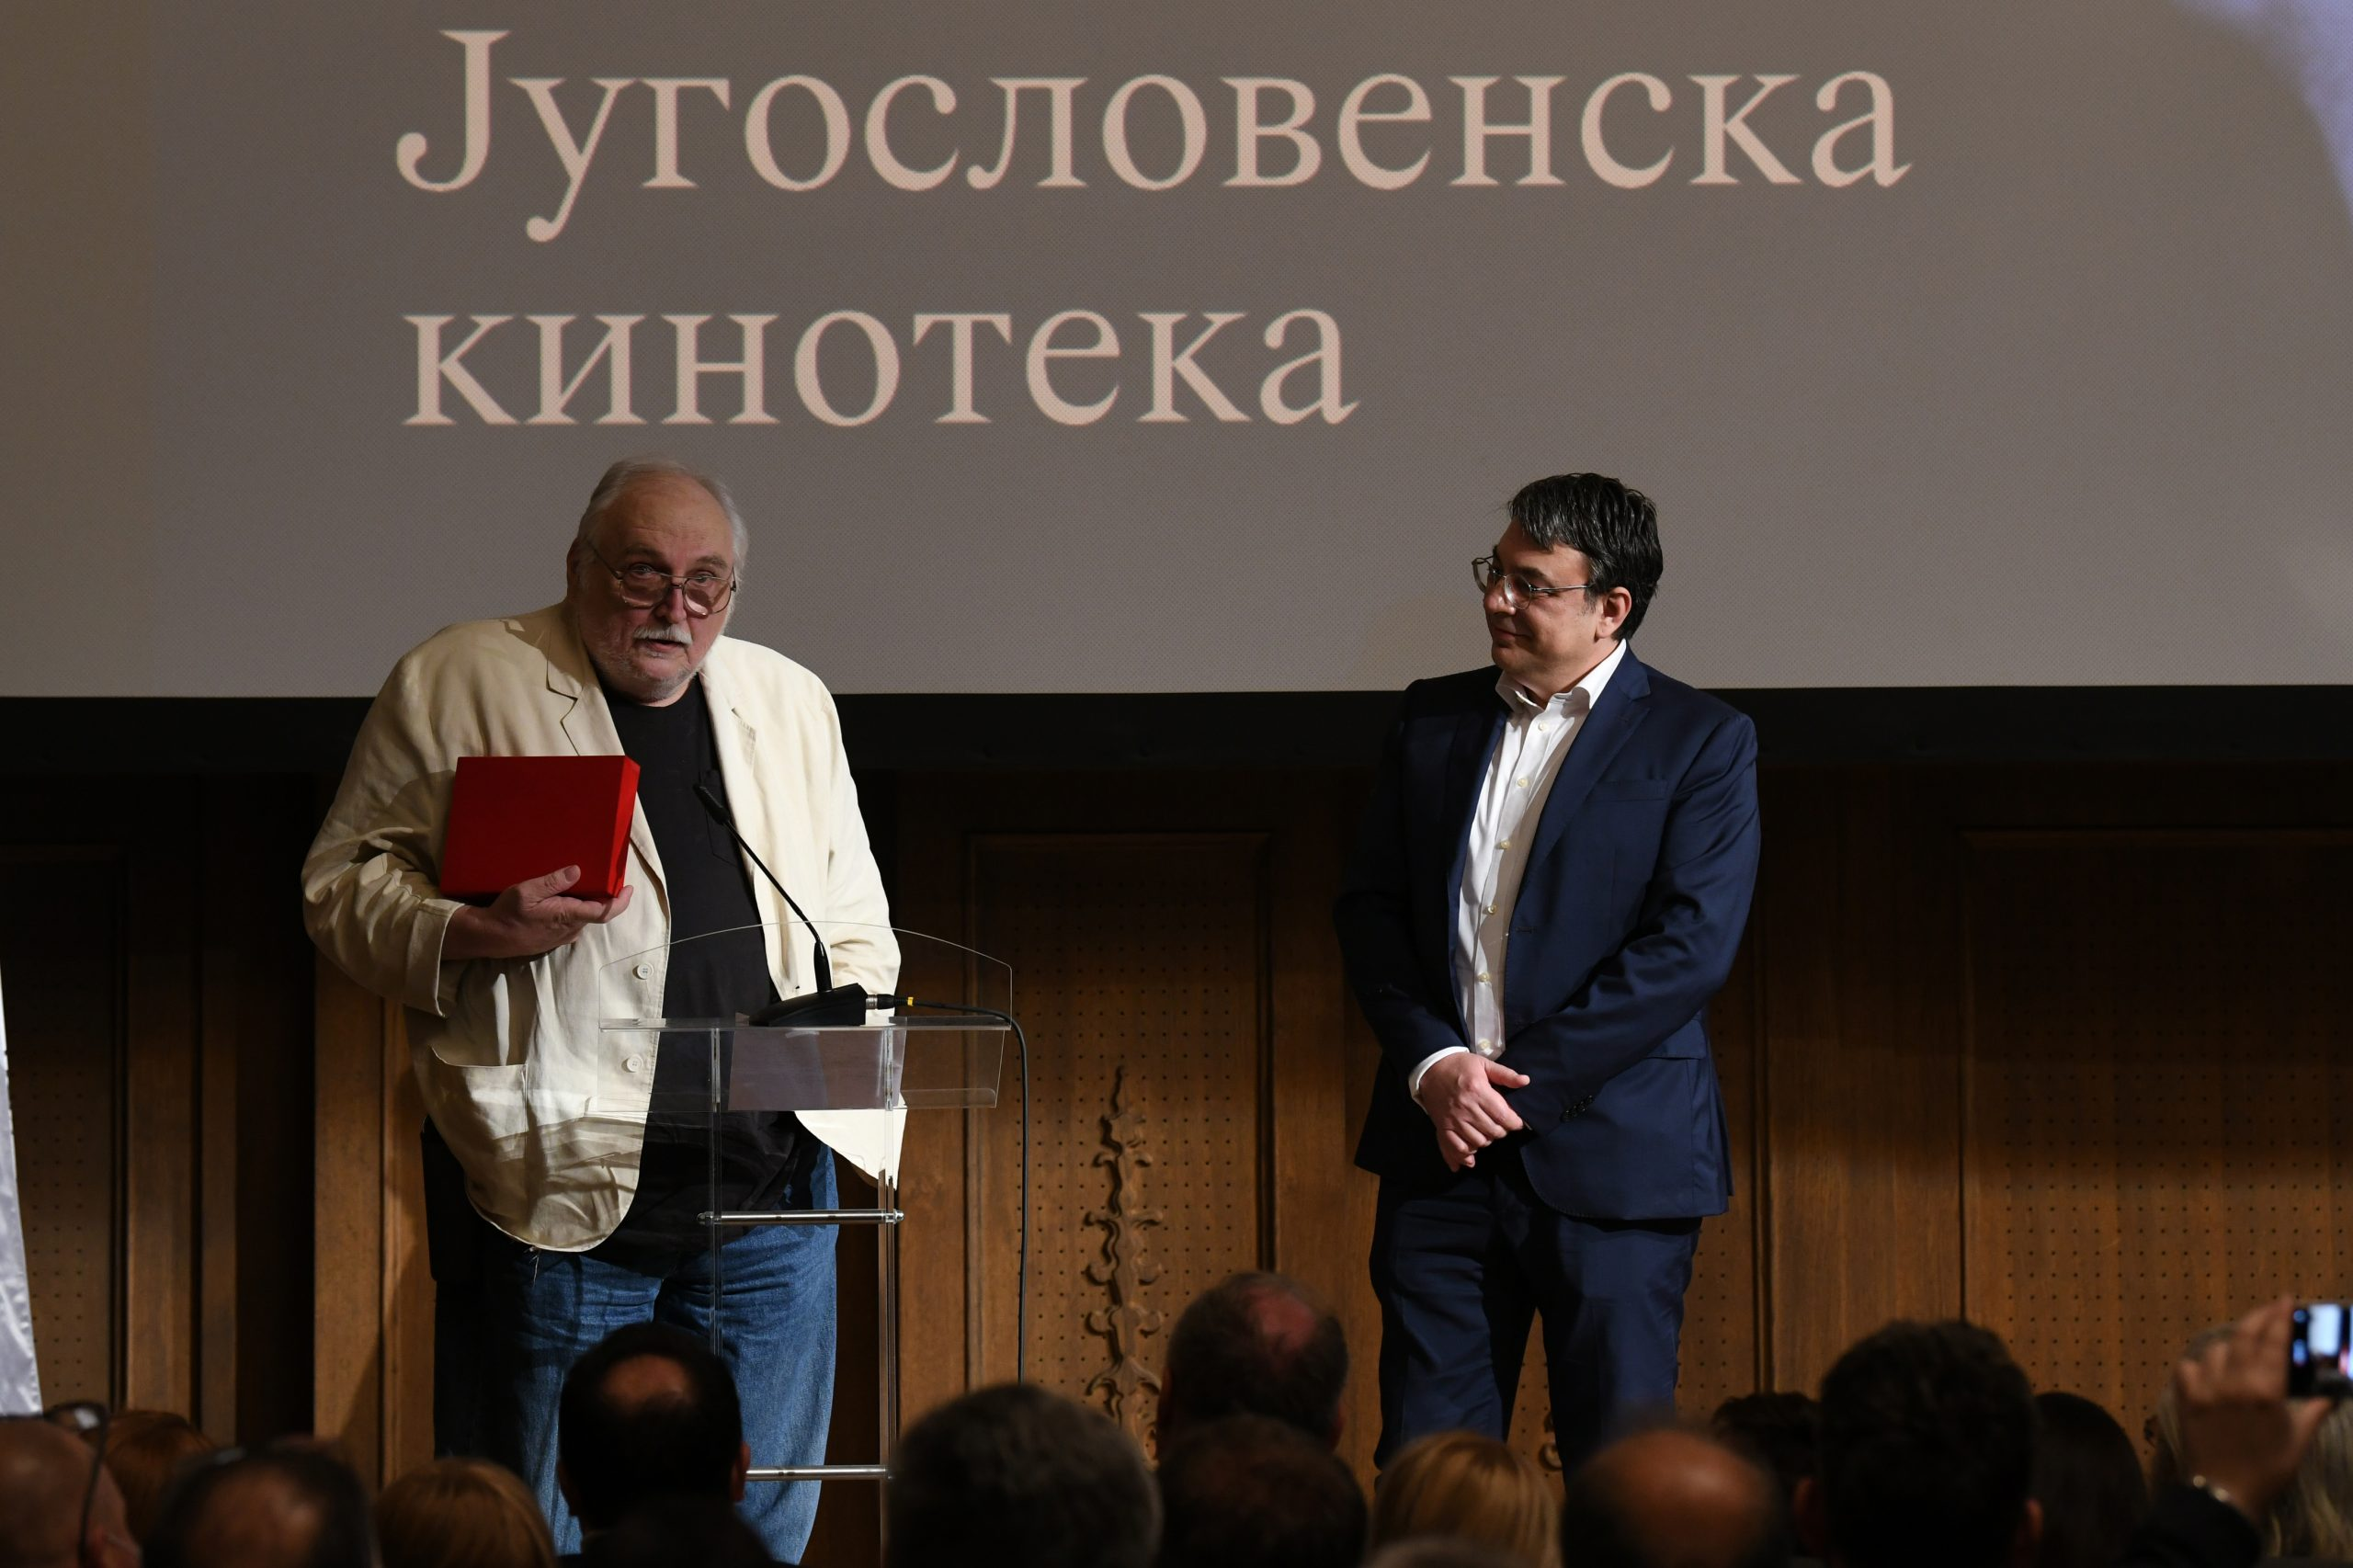 Jugoslovenska kinoteka dodela priznanja Zlatni pecat Slobodan SIjan Jugoslav Pantelic